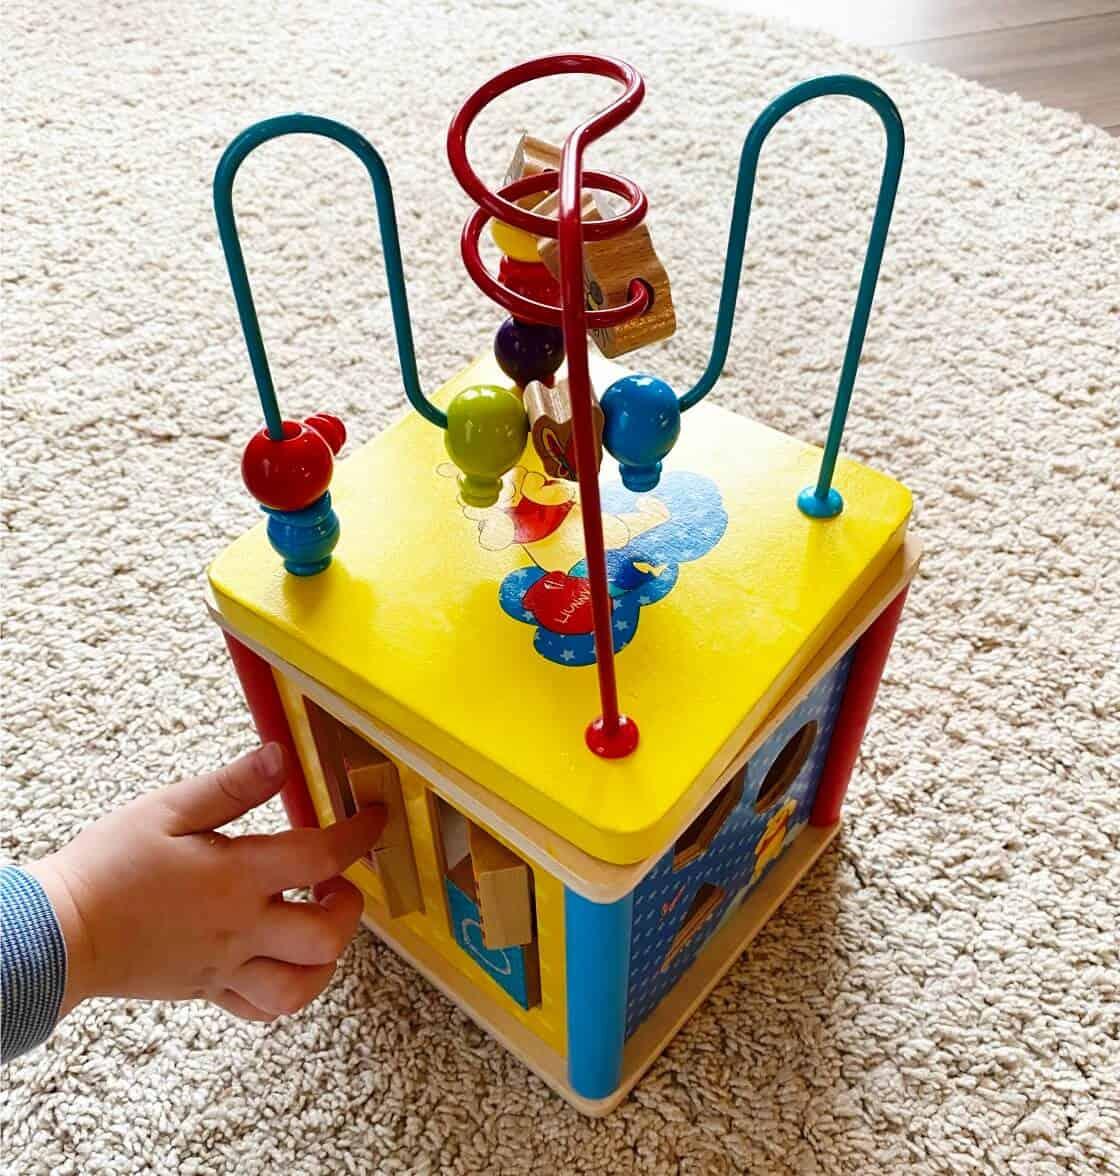 Holzspielzeug ab 1 - Mit der Motorikschleife aus Holz hat unser kleiner Mann fast ein Jahr lang immer wieder gespielt